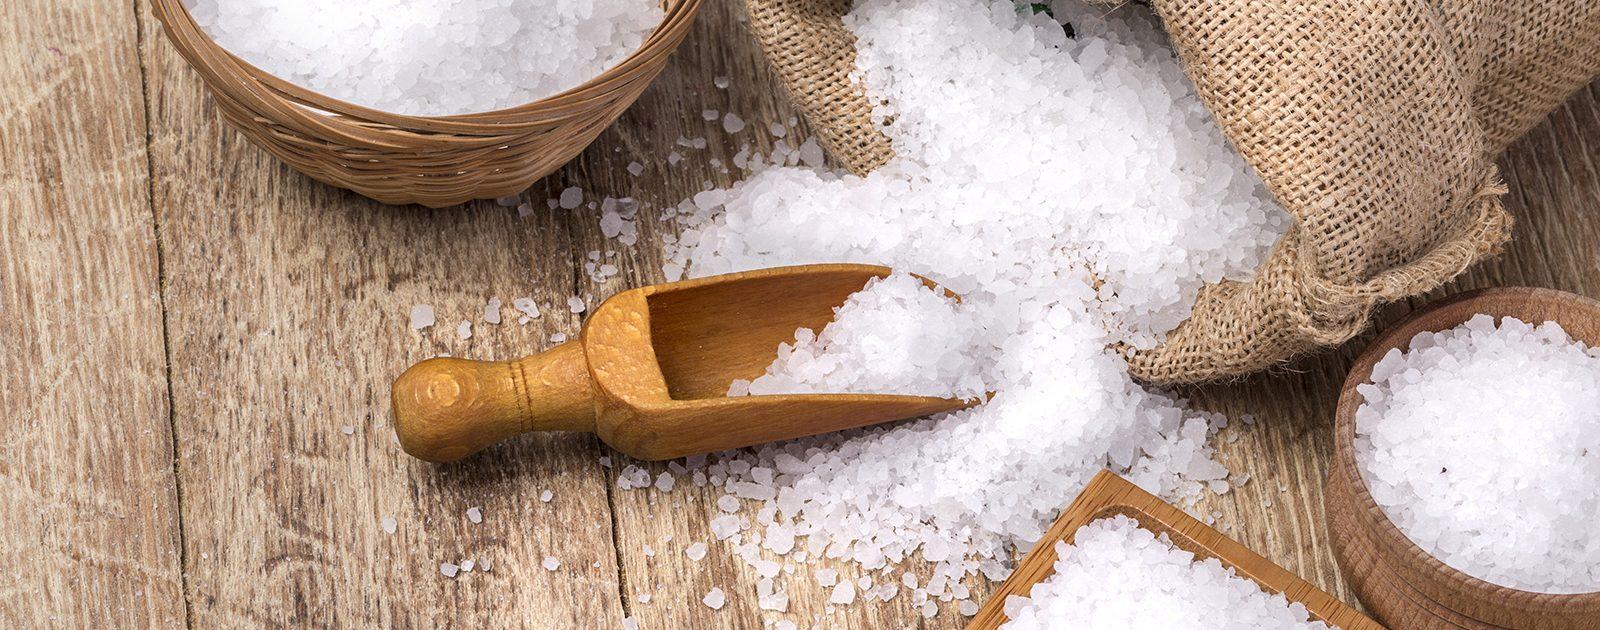 Jodhaltige Lebensmittel wie Salz unterstützen die Entwicklung des Embryos.